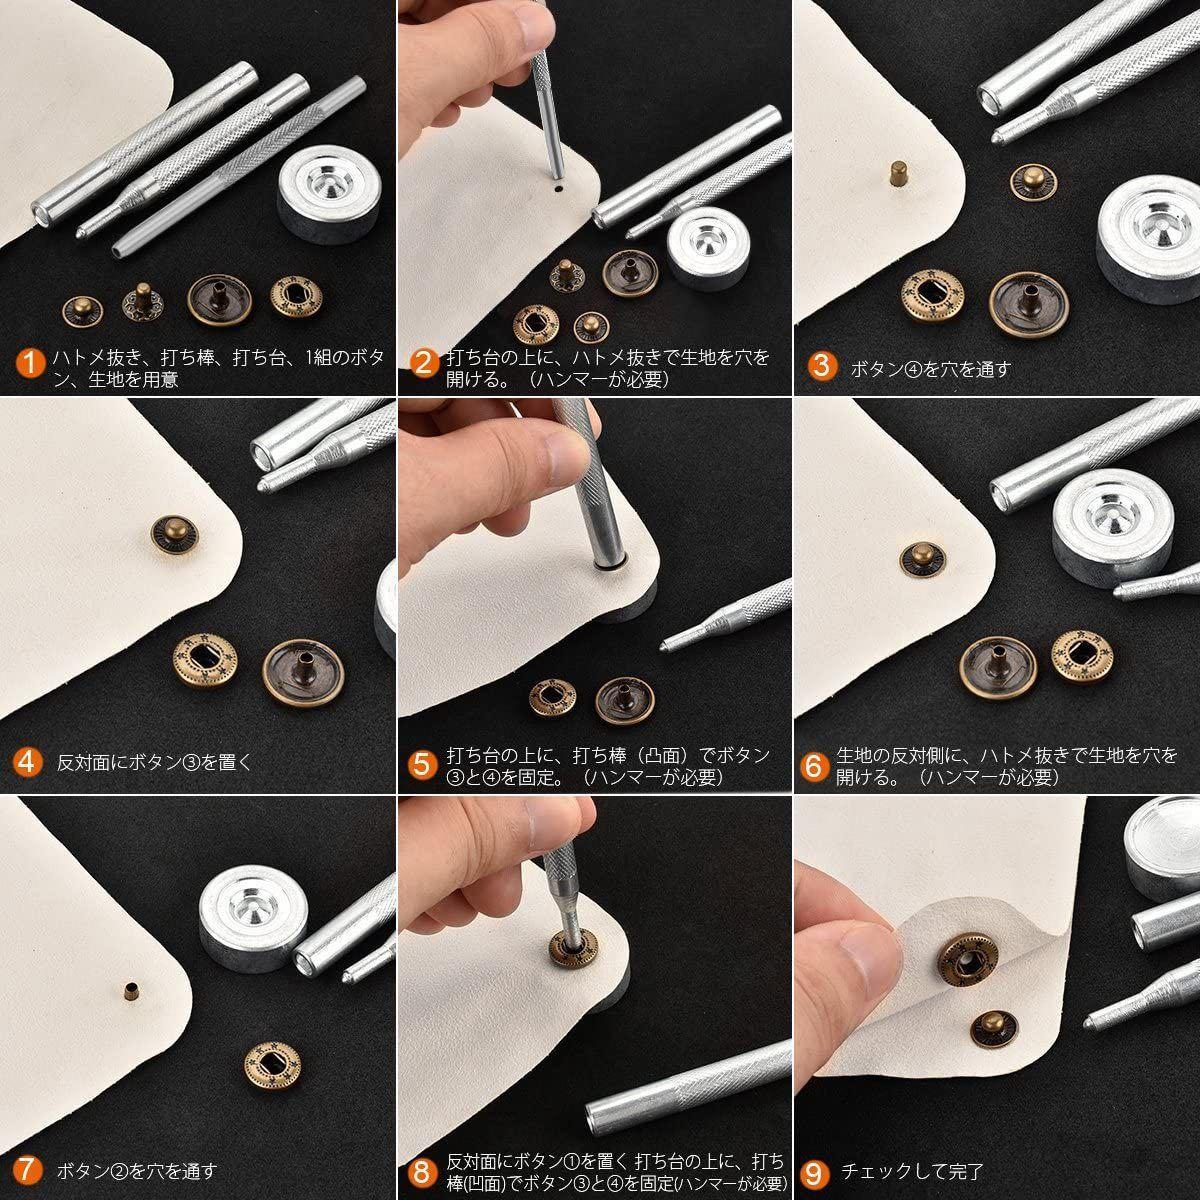 レザークラフト手芸真鍮製12mm6色120組 ハトメボタンパーツ収納ケース付き バネホック ハンドメイド 底鋲 ハンドクラフト